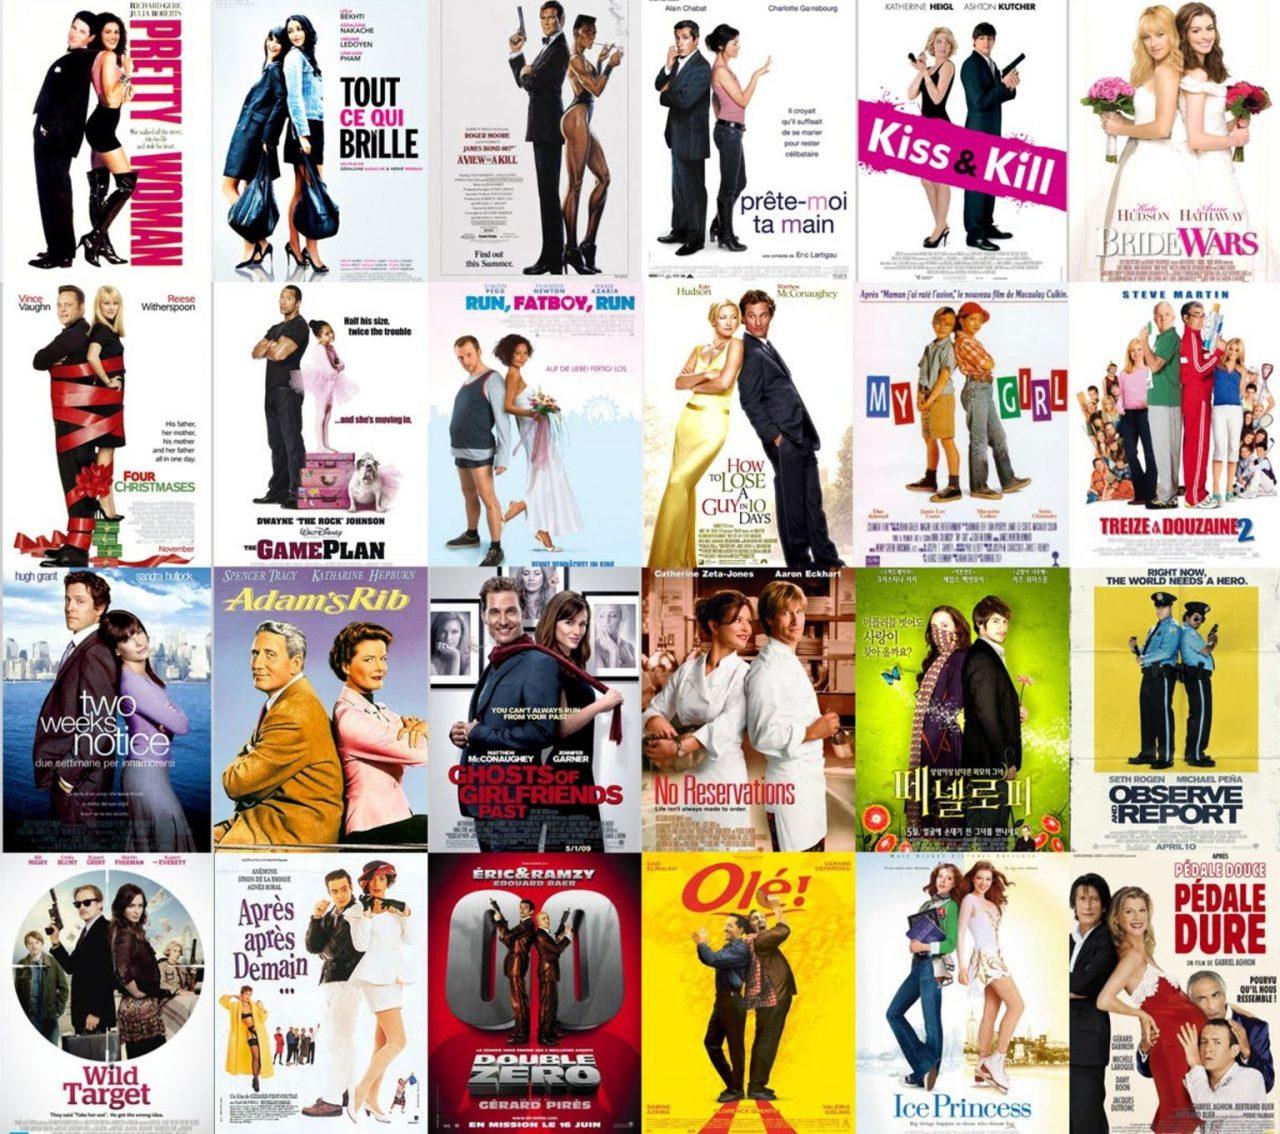 Solo hay 10 tipos de carteles de película